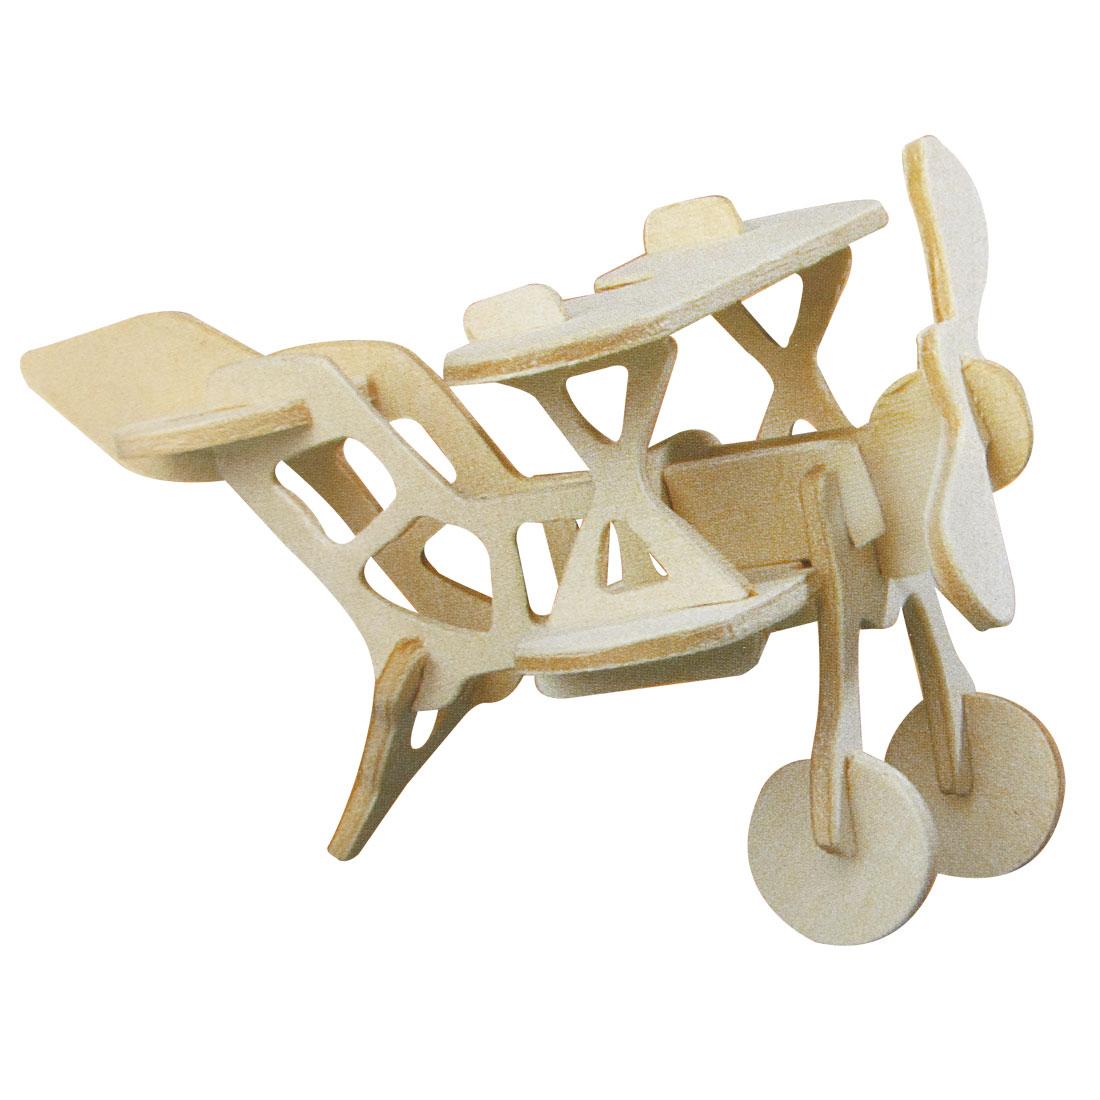 BI-plane Model Intelligence Assemble 3D Wooden Puzzle Toy